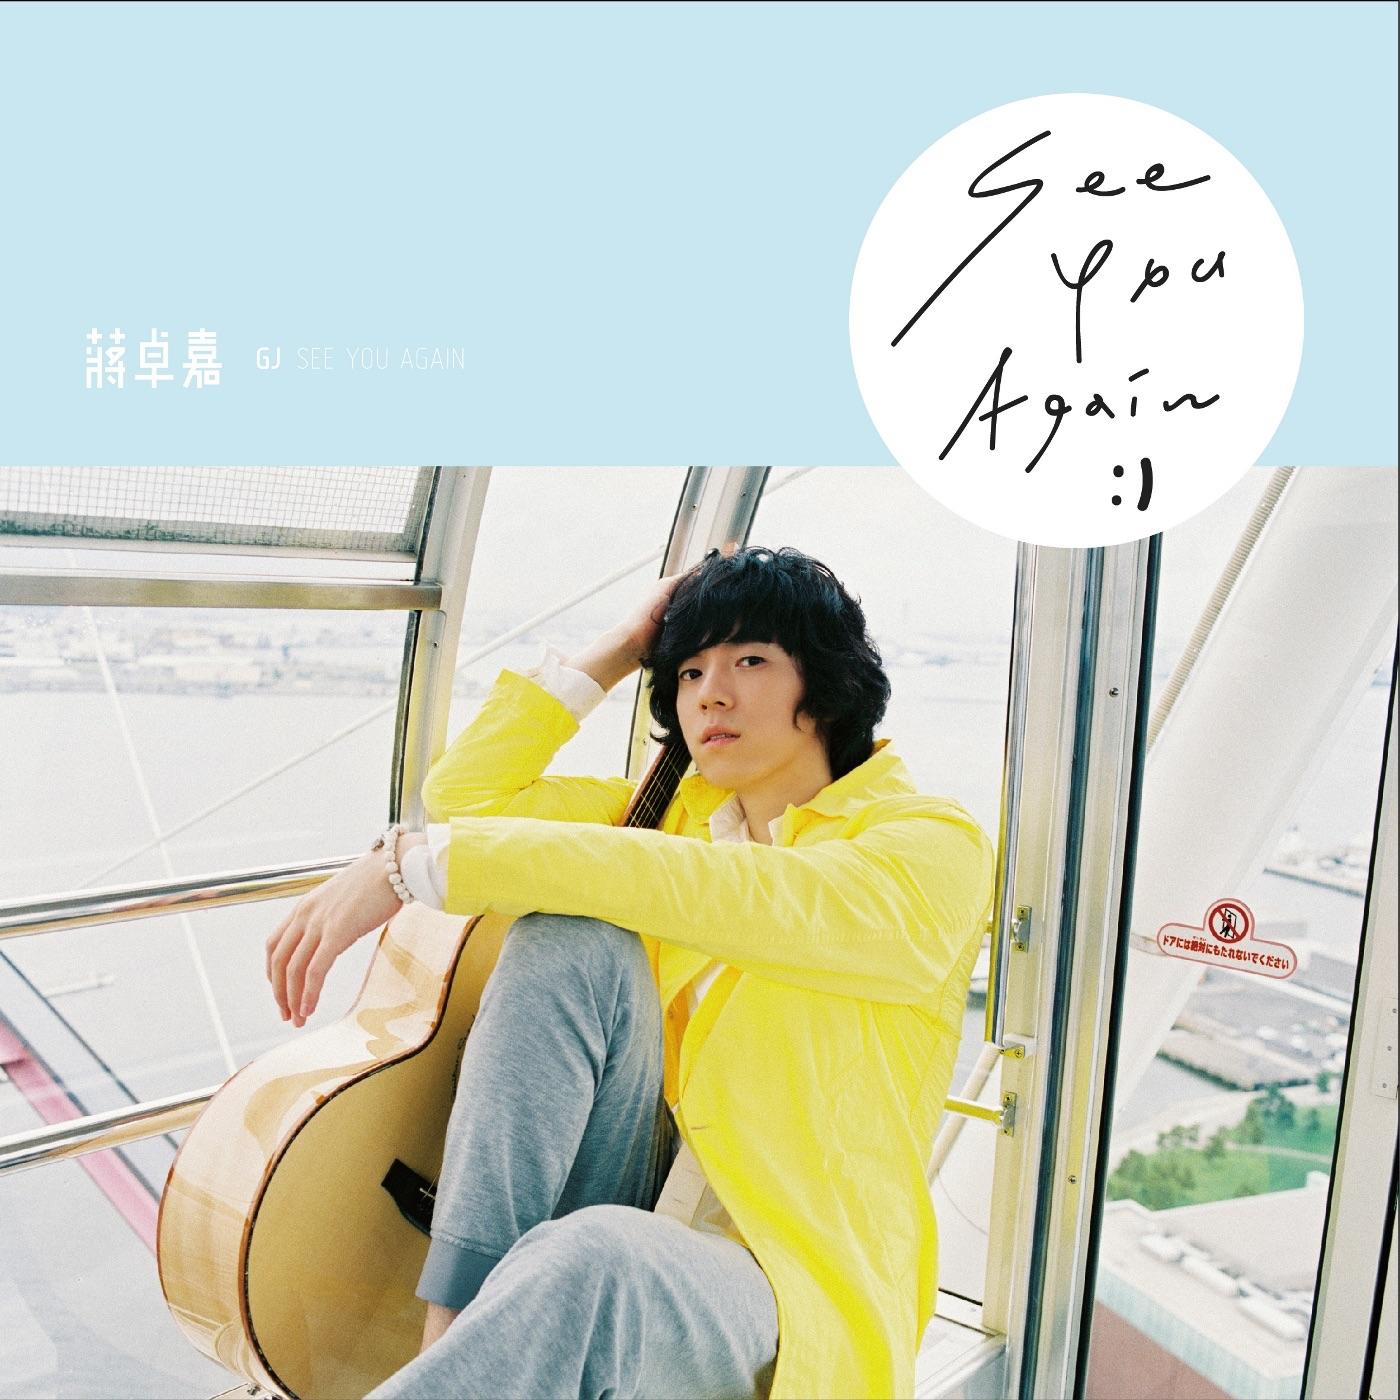 蒋卓嘉 - See You Again